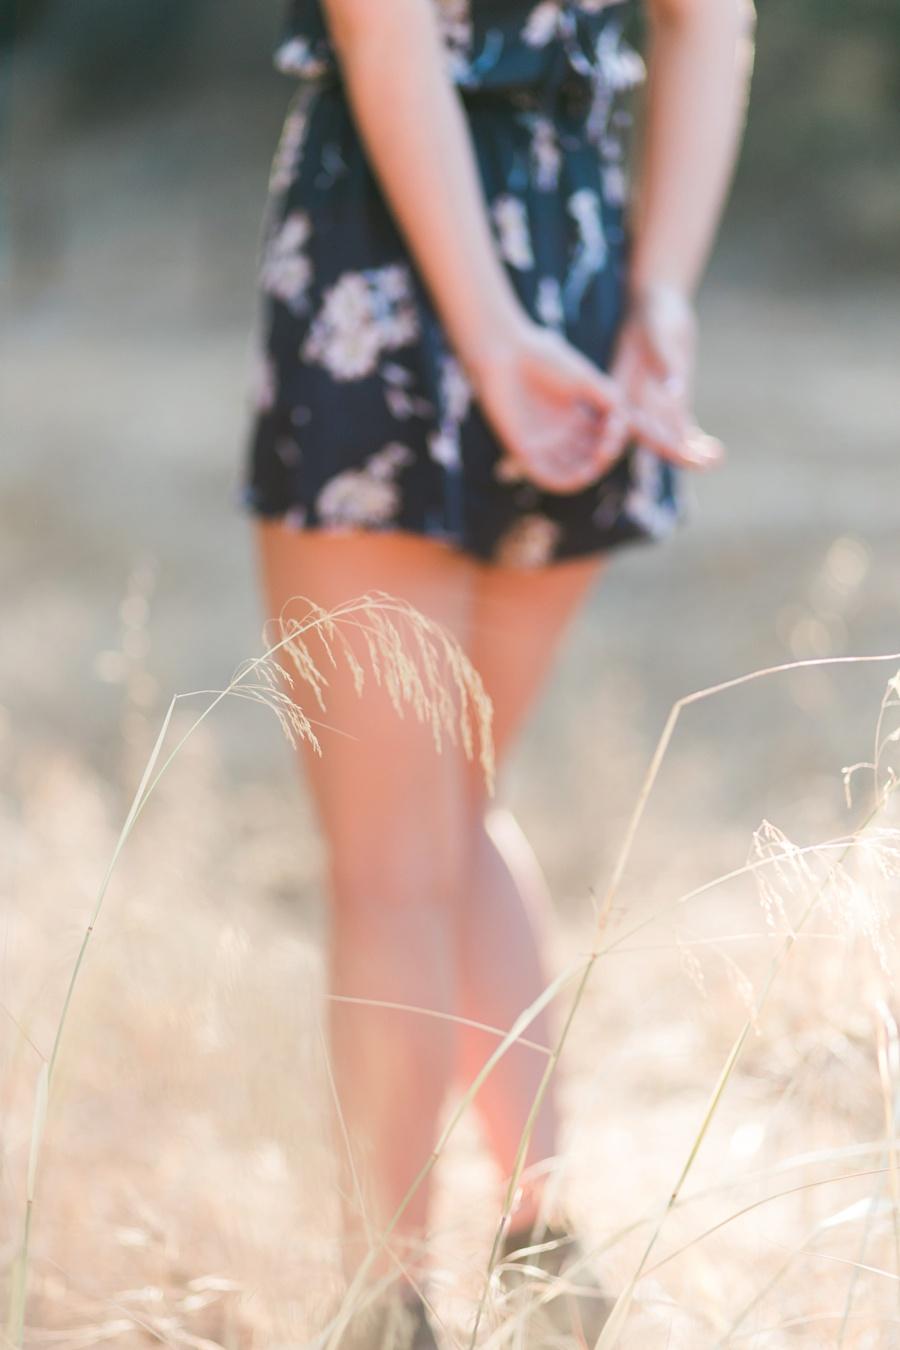 Orange-County-Senior-Photographer-Kristen-Lynette-Photography_0012.jpg